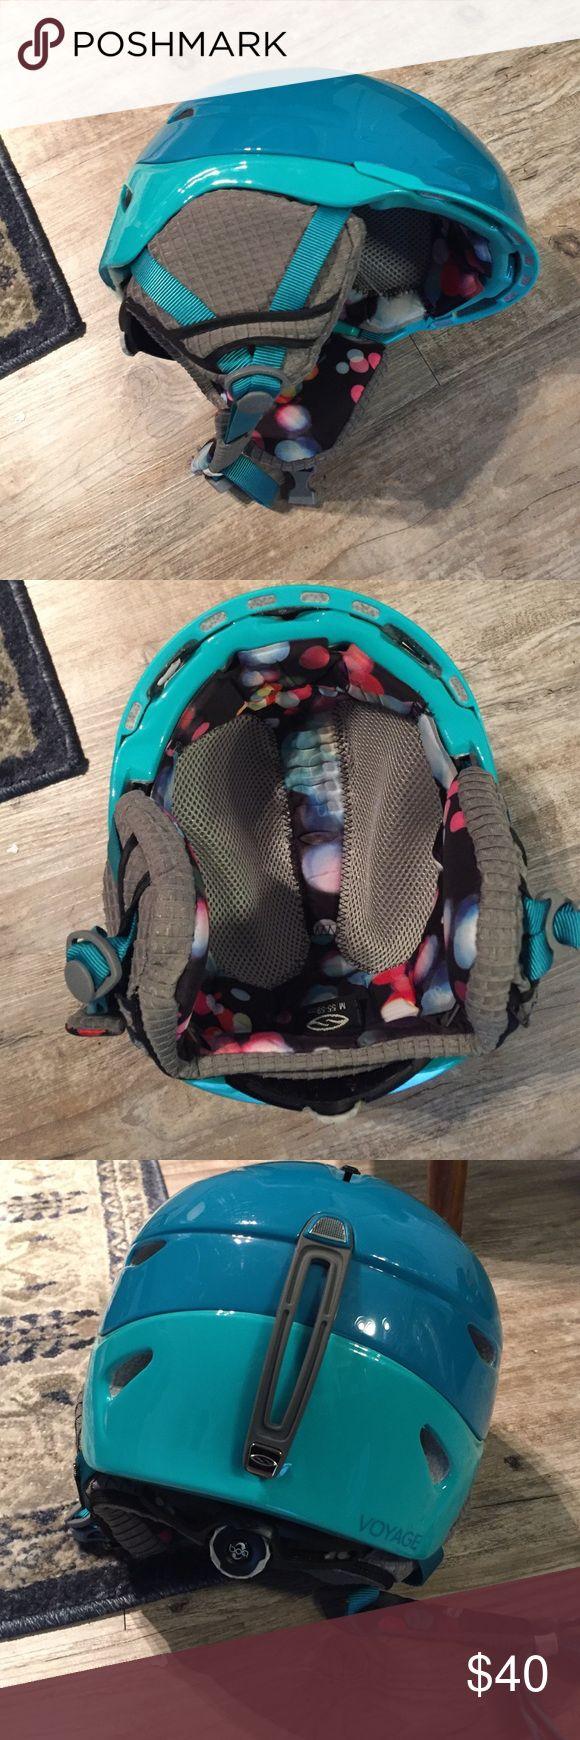 Snow/Ski helmet. Used once. Earphone jack. Snow/ski helmet. Worn once. Fully adjustable, earphone compatible. Other